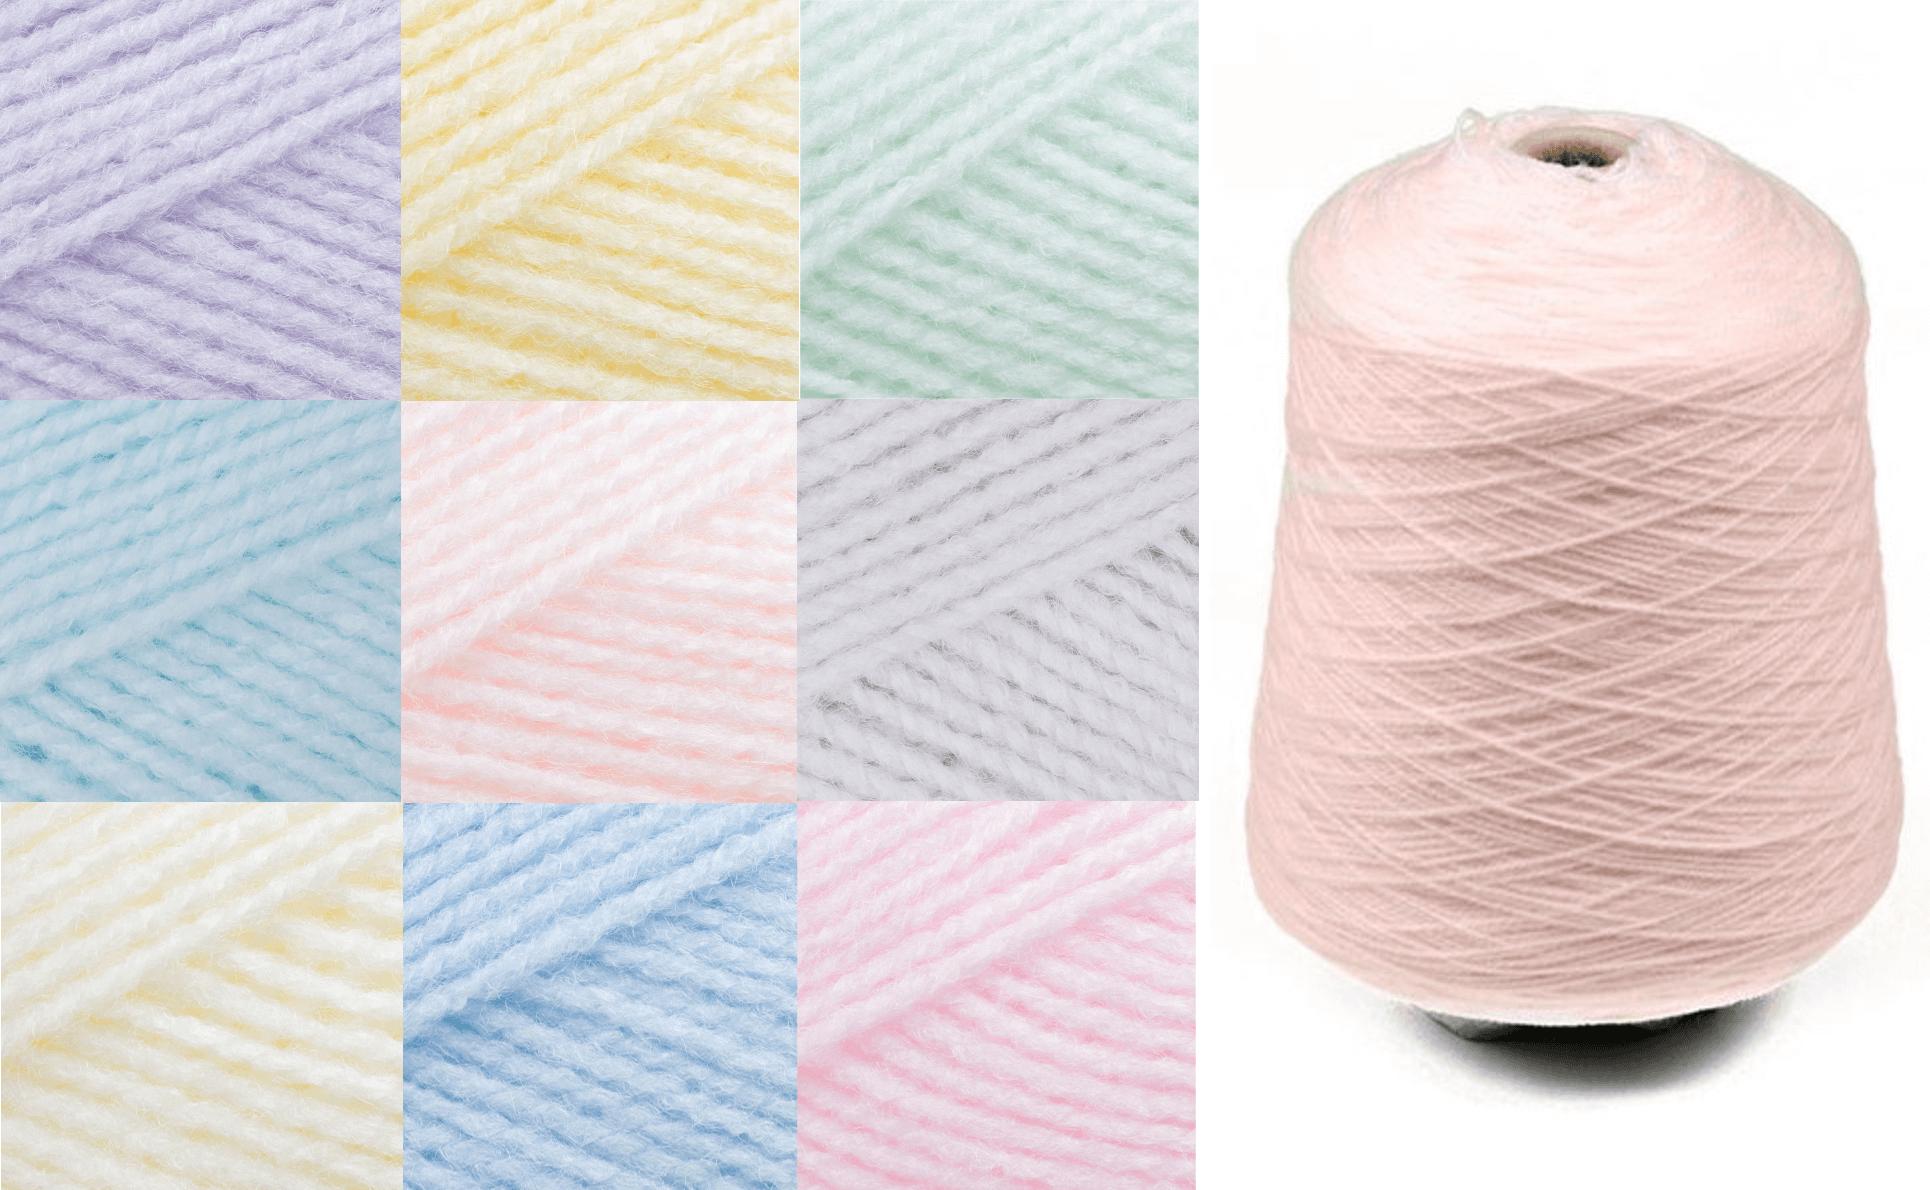 James C Brett Baby 4 Ply Yarn 500g Cone Knitting Yarn Knit Craft 100% Acrylic 5BY1